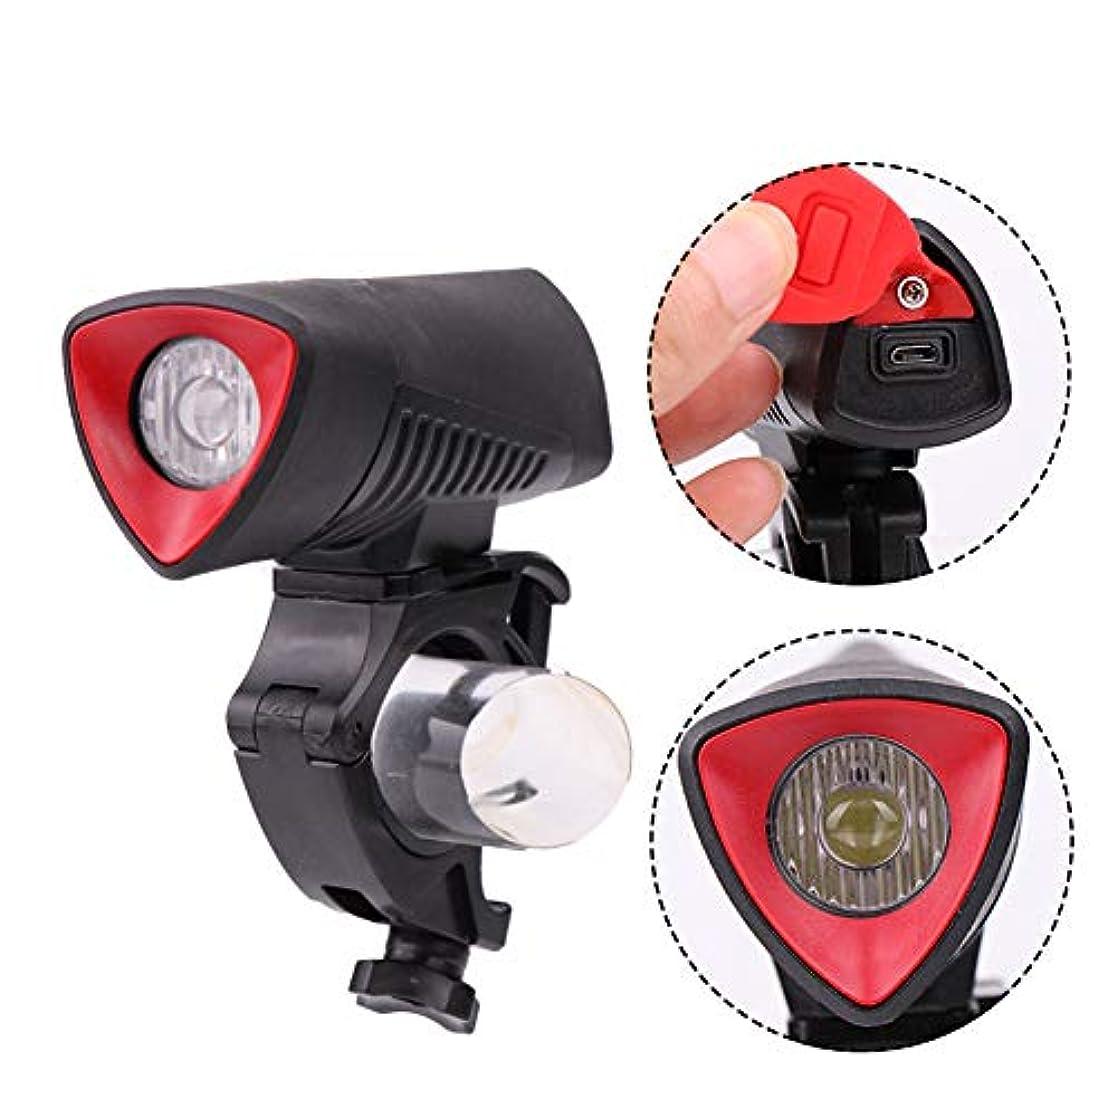 詩人ギャラントリー参照するACHICOO ヘッドライト L2 LED USB充電式 自転車 フロント ライト サイクリング 自転車 ハンドルバー バイク ランプ 内蔵 バッテリー